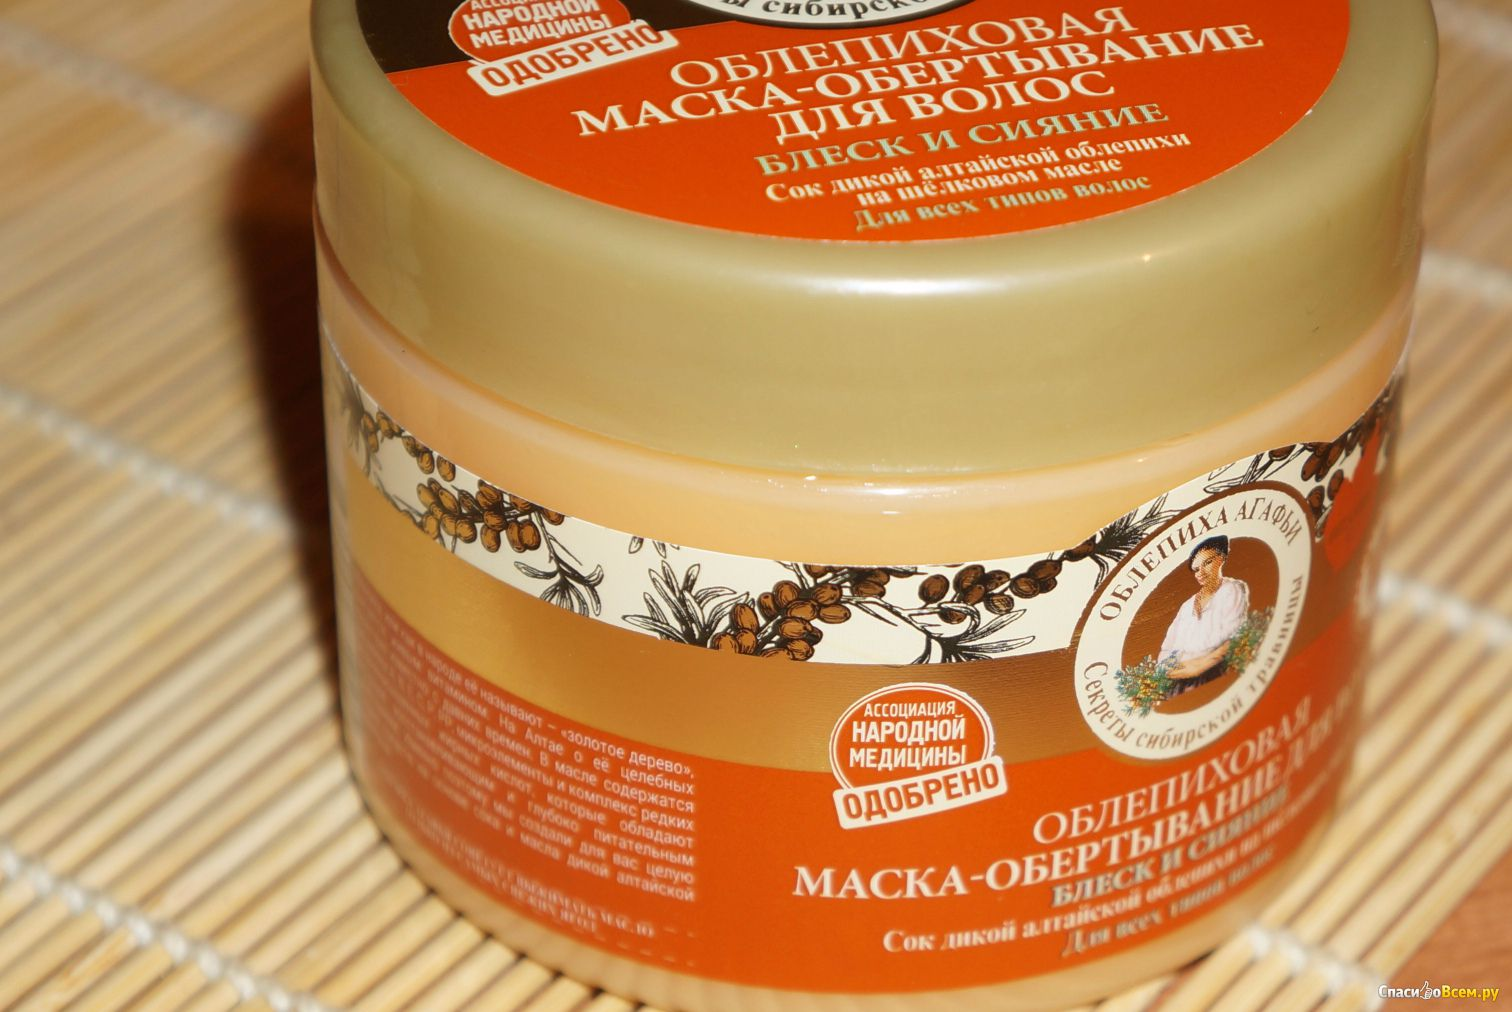 Облепиховая маска обертывание для волос банька агафьи